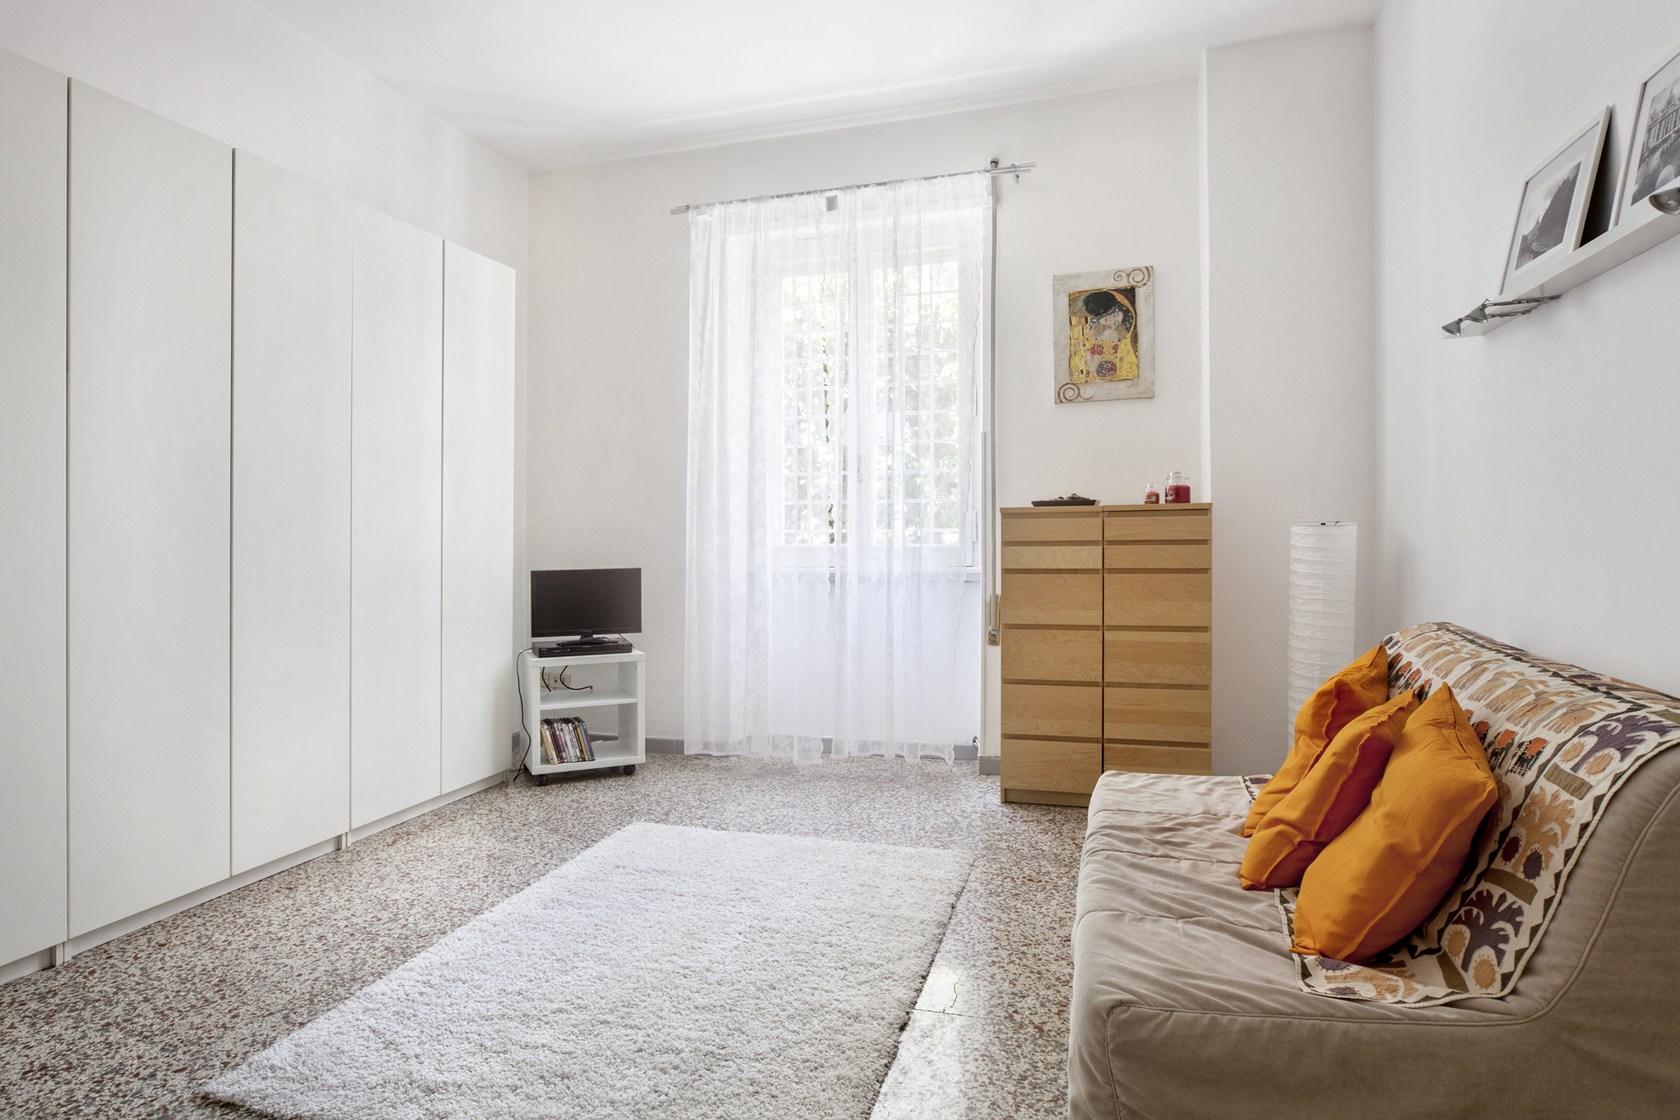 Casa in affitto via sant 39 orsola affitti brevi roma for Bacheca affitti